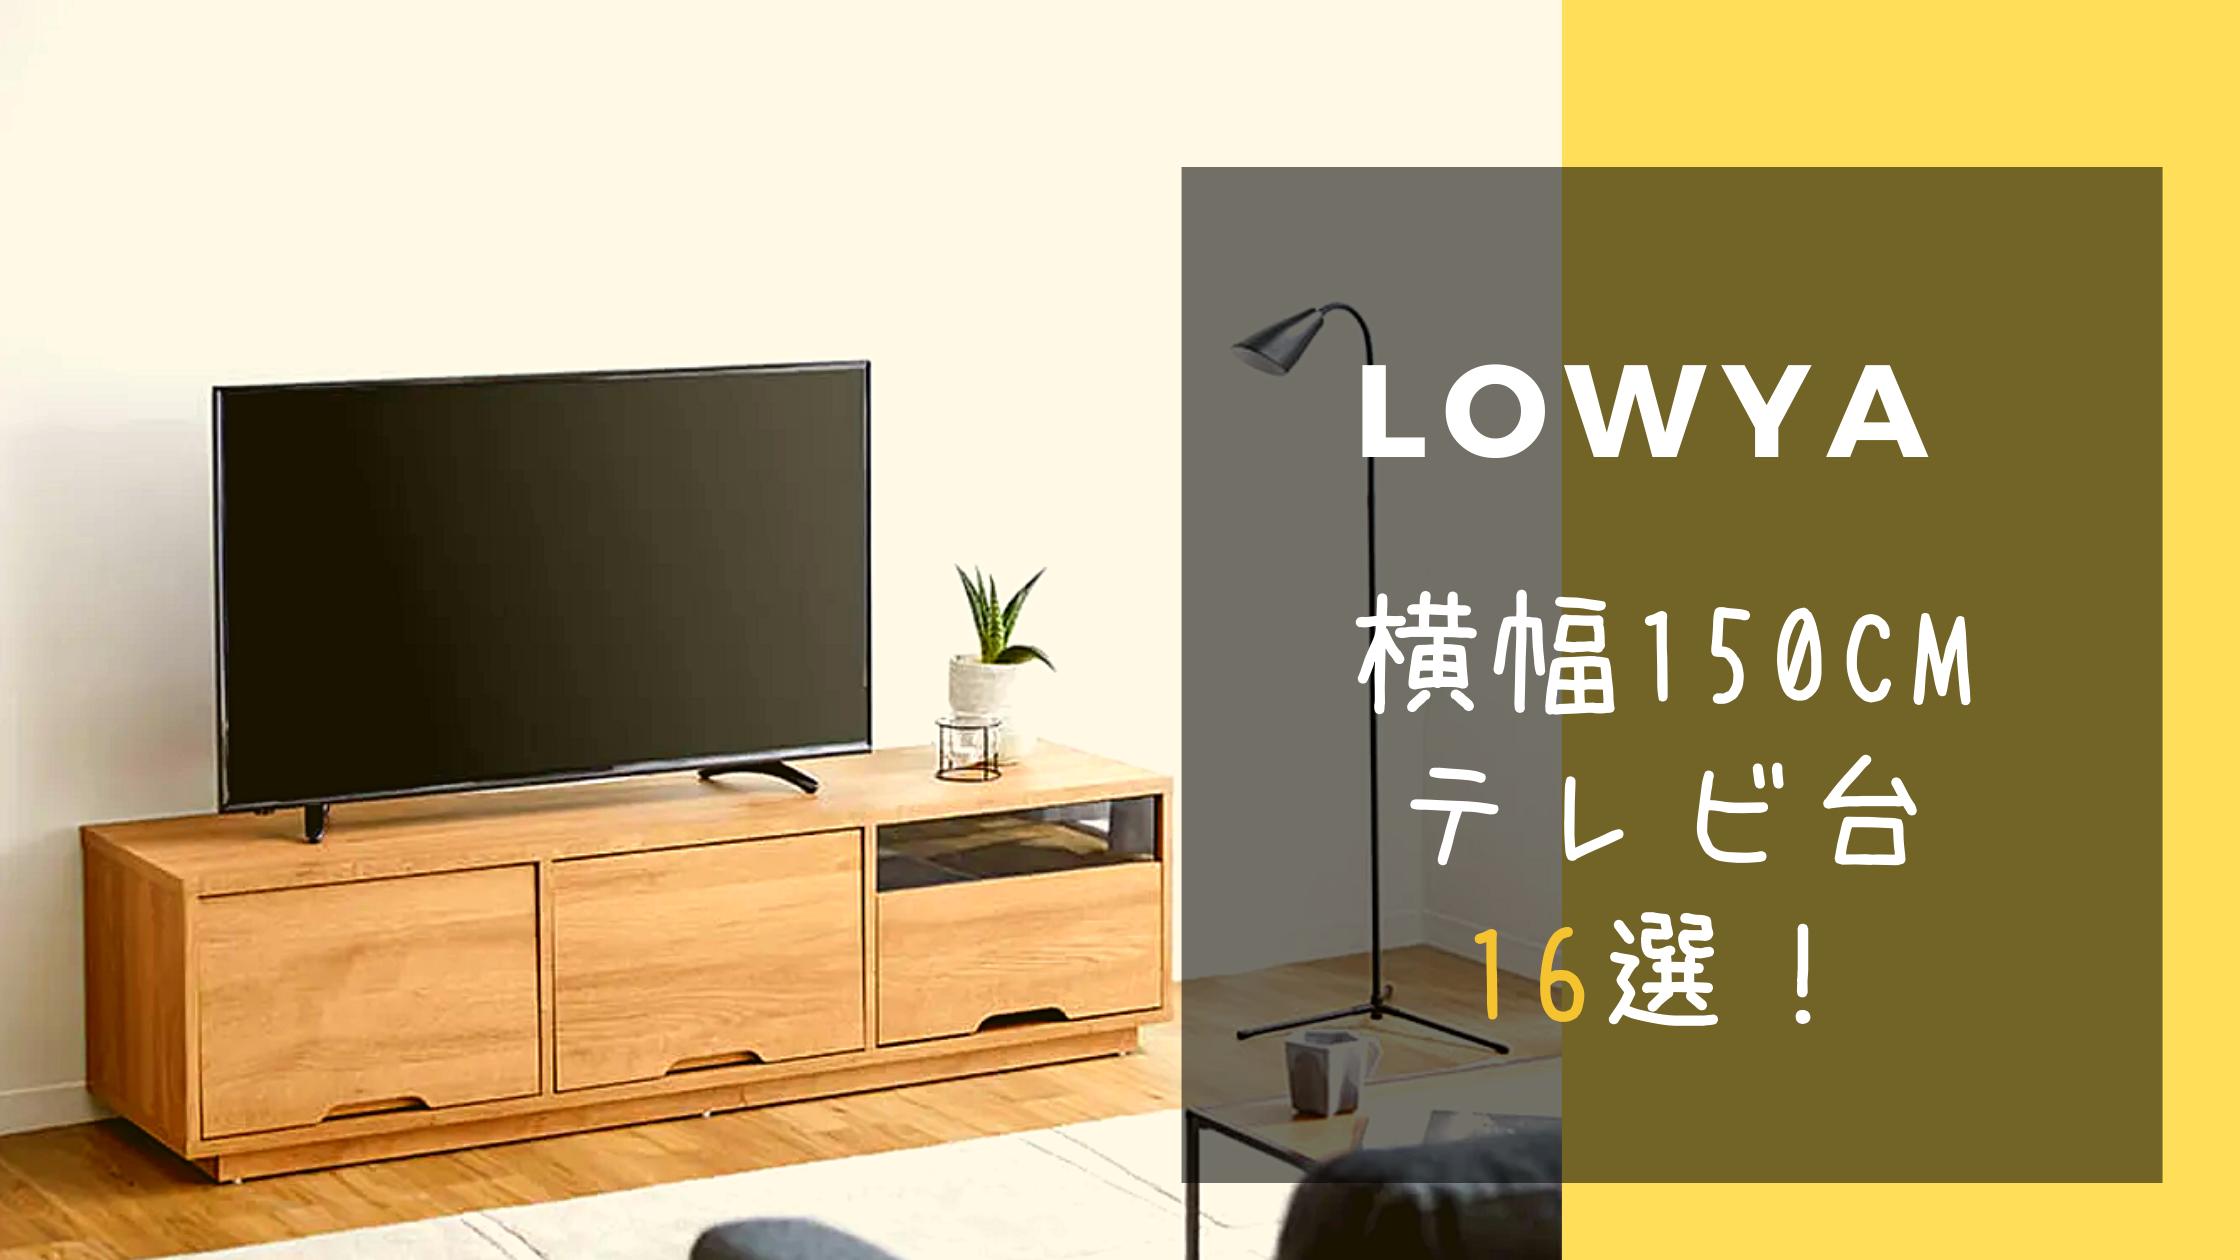 LOWYAテレビ台150